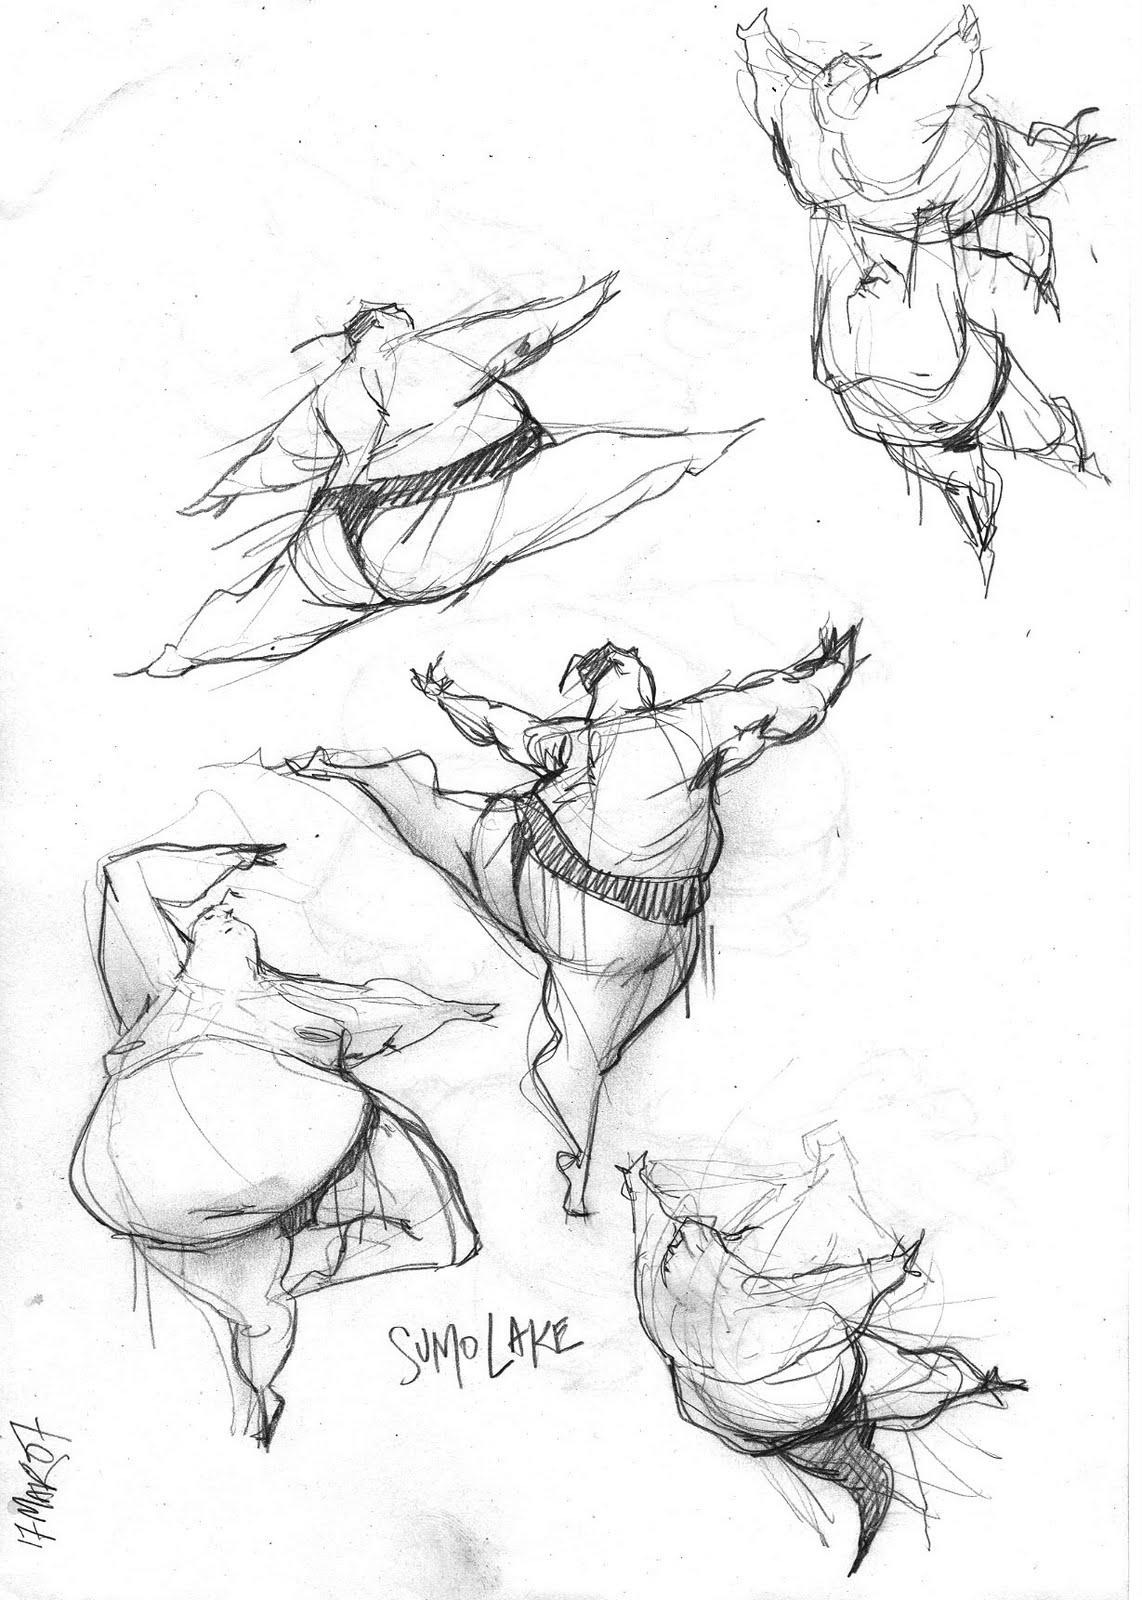 sumo sketch by hioe on DeviantArt